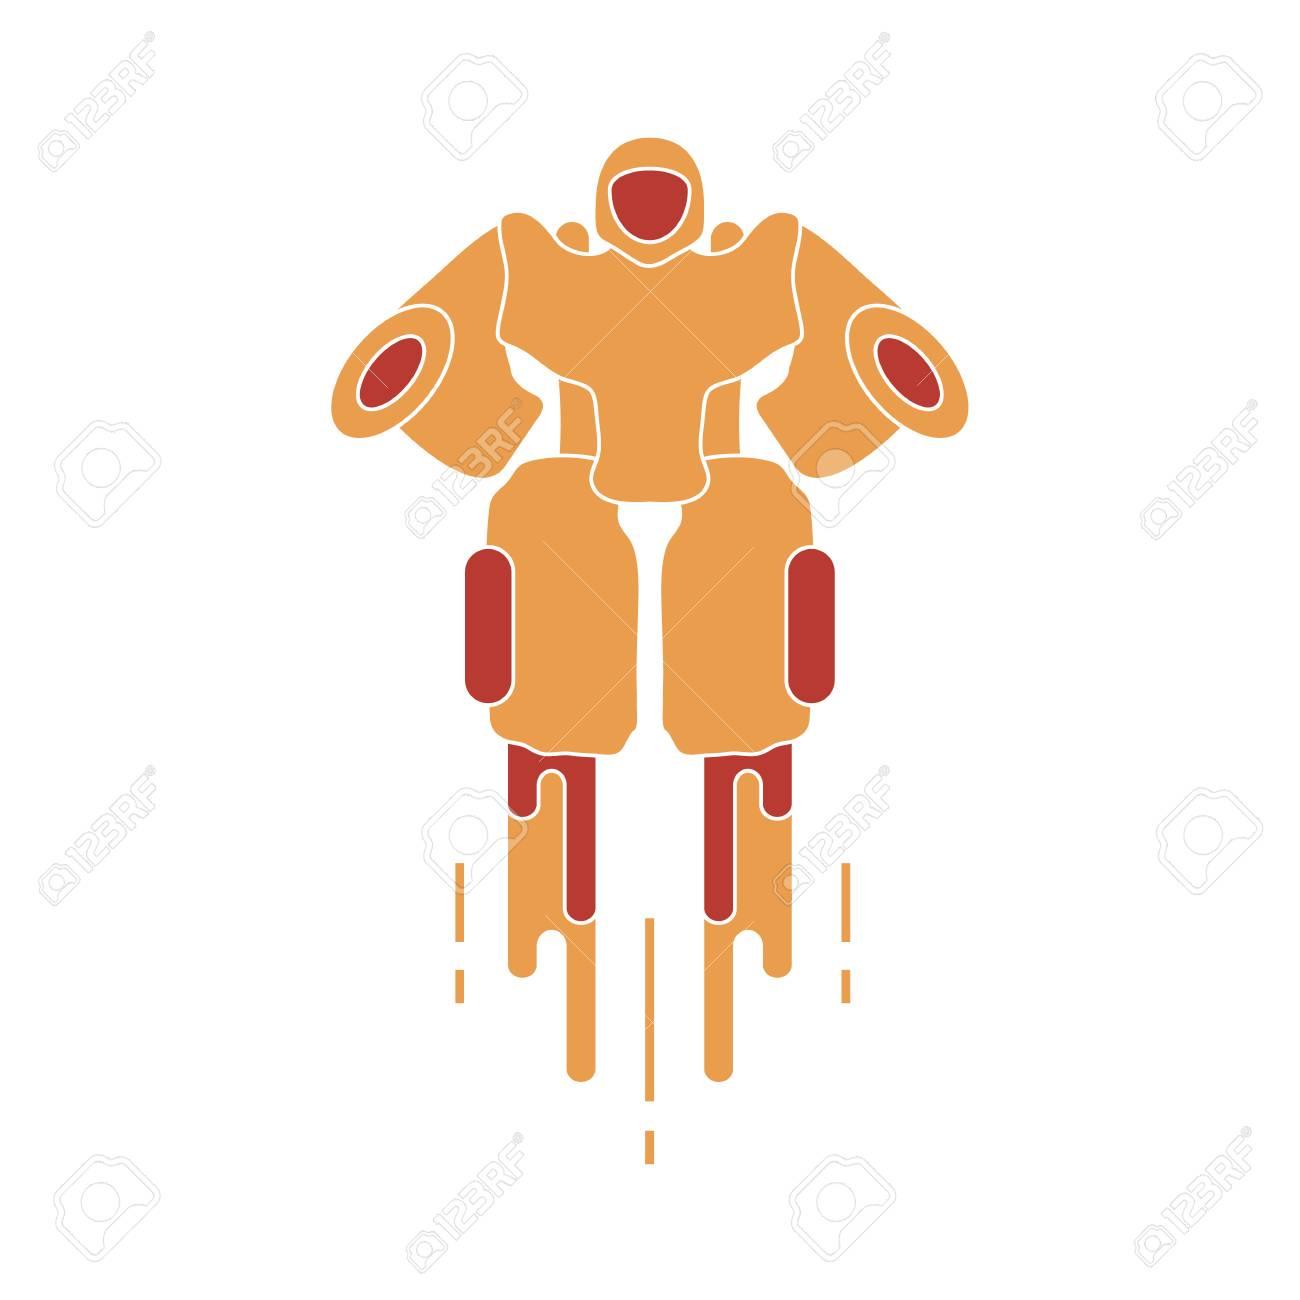 Robot Toys For Children Robotics Technologies Design For